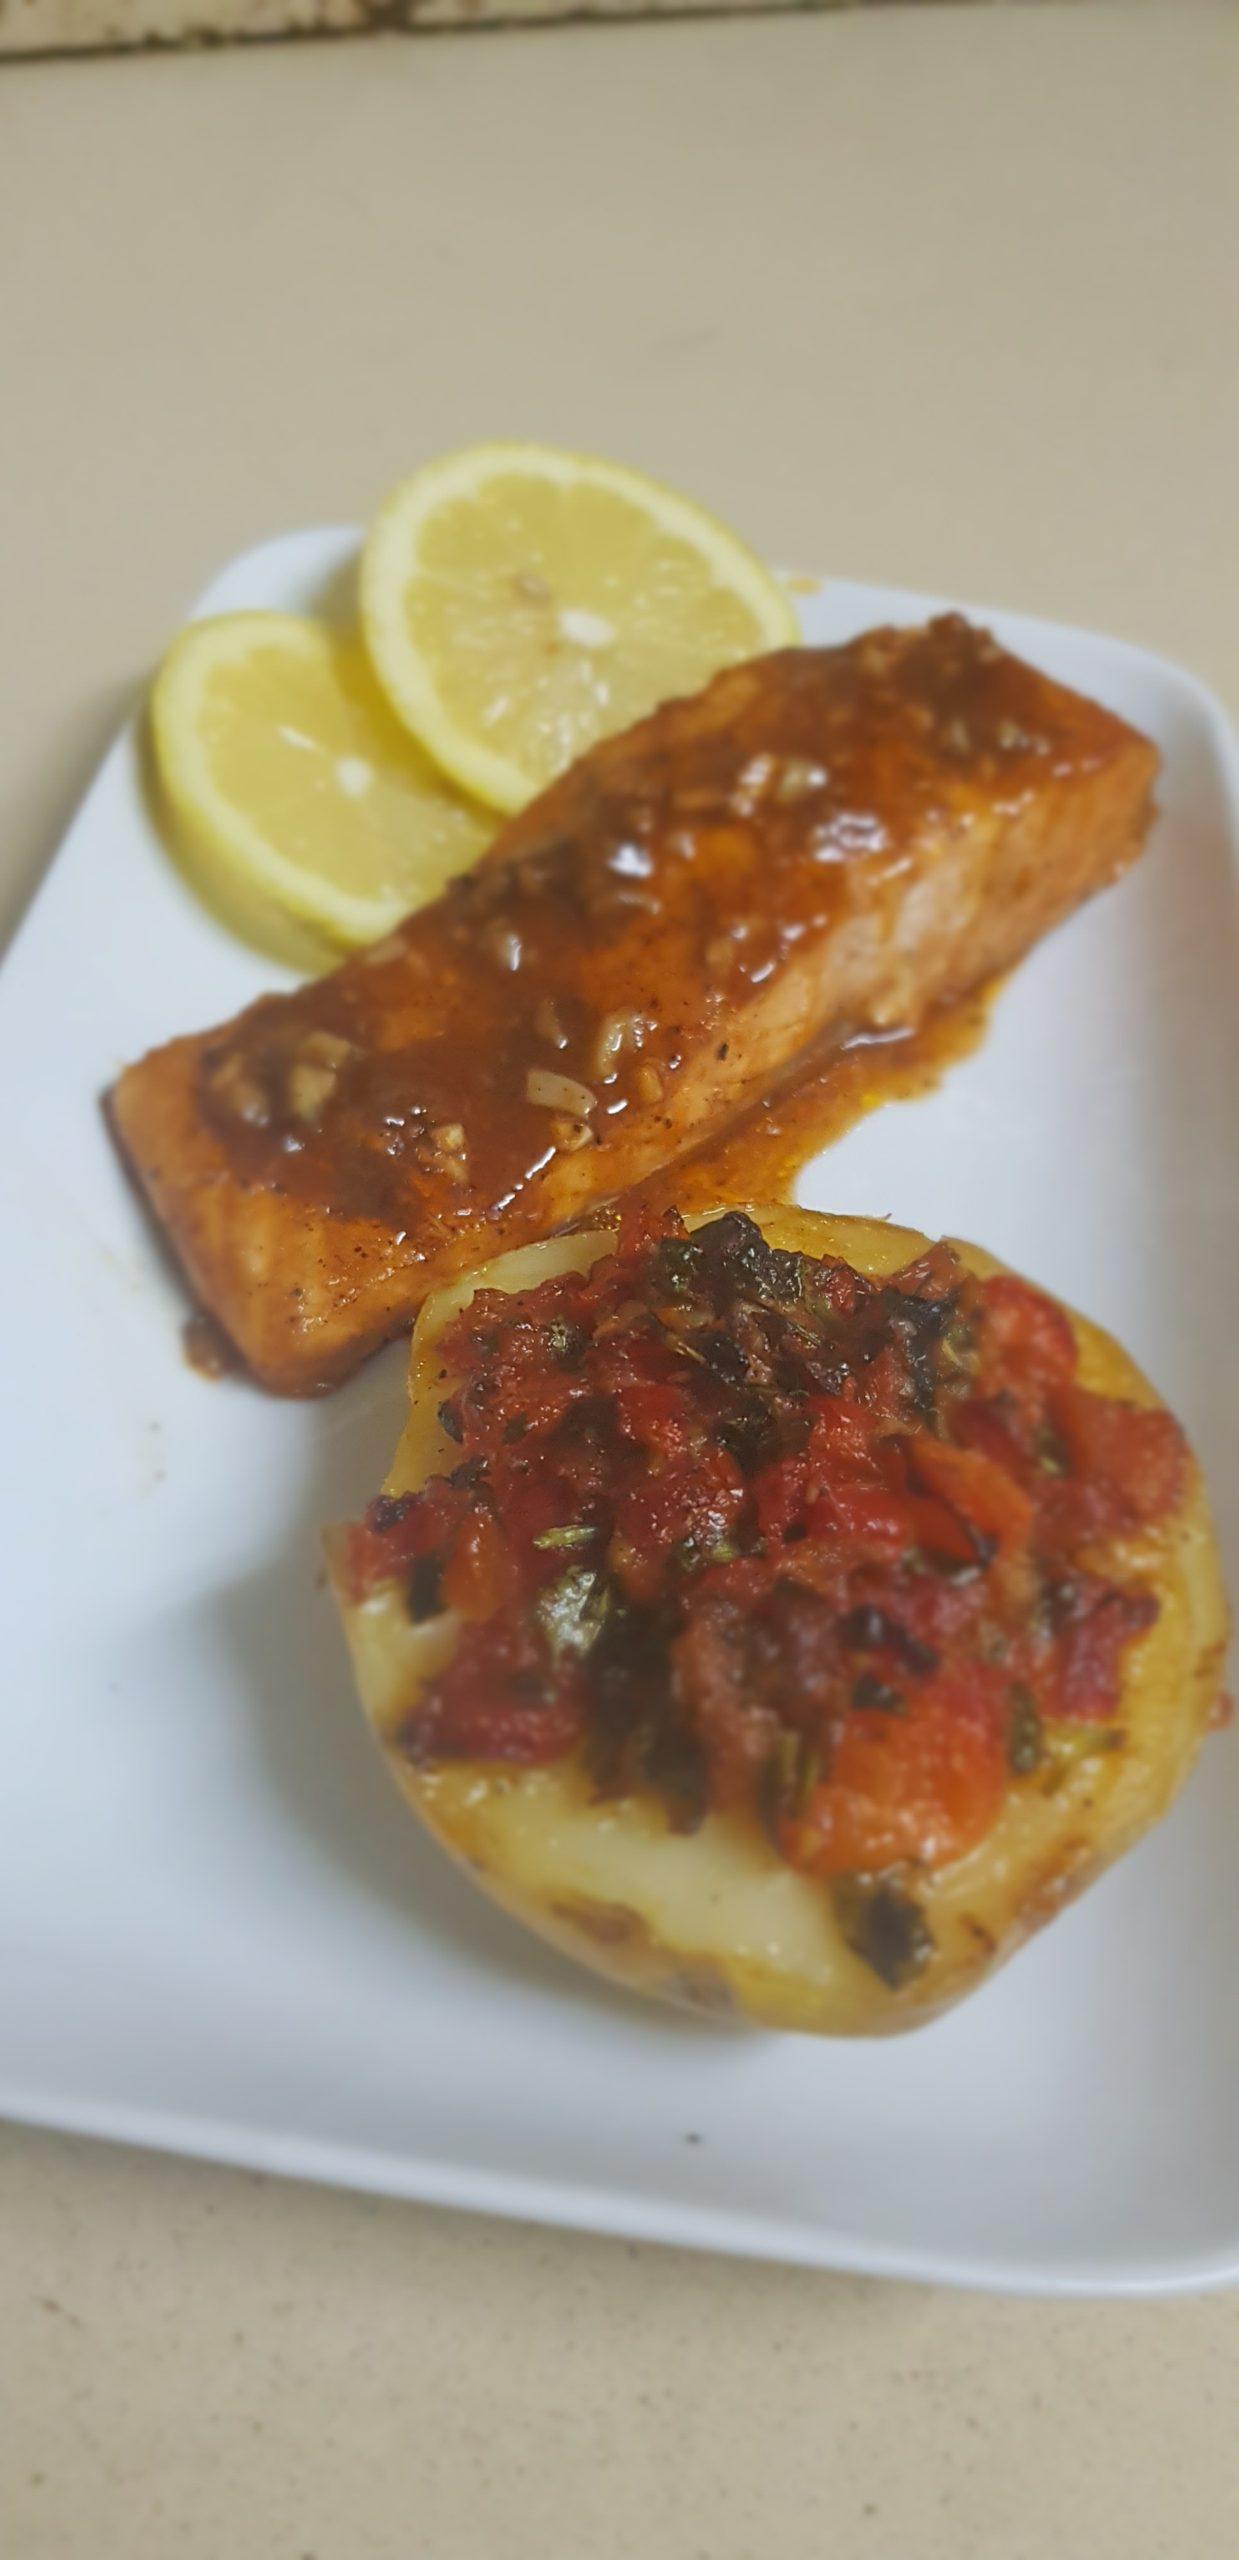 Repas estivale ! Saumon chili et pommes de terre à la provençale